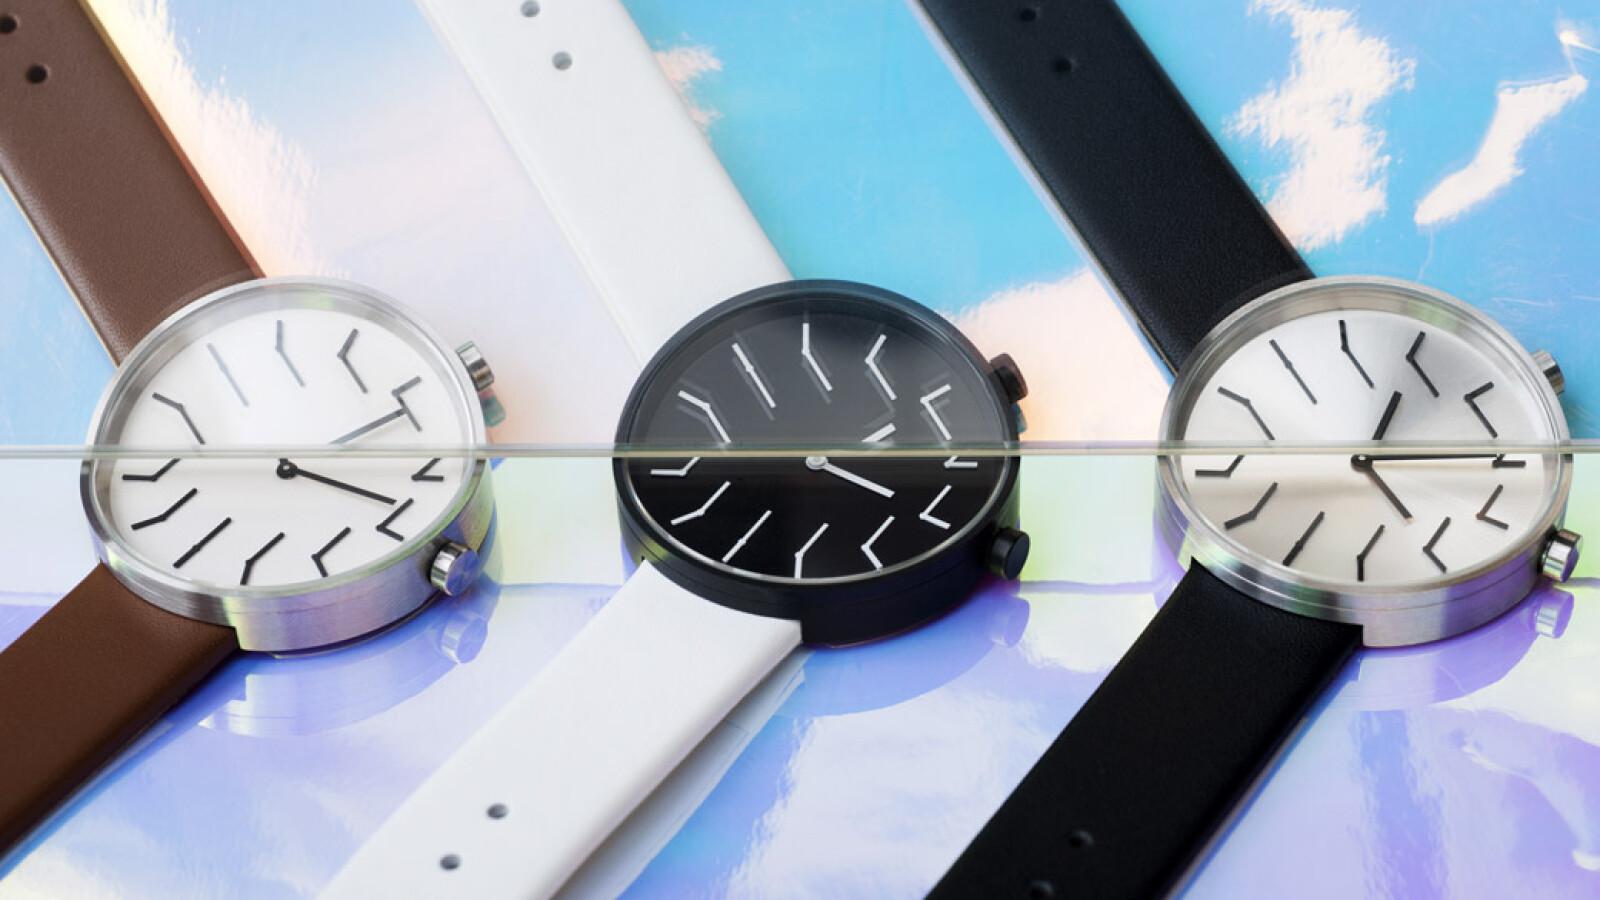 Verrückt: Der Hype um die merkwürdige Redundant Clock geht weiter